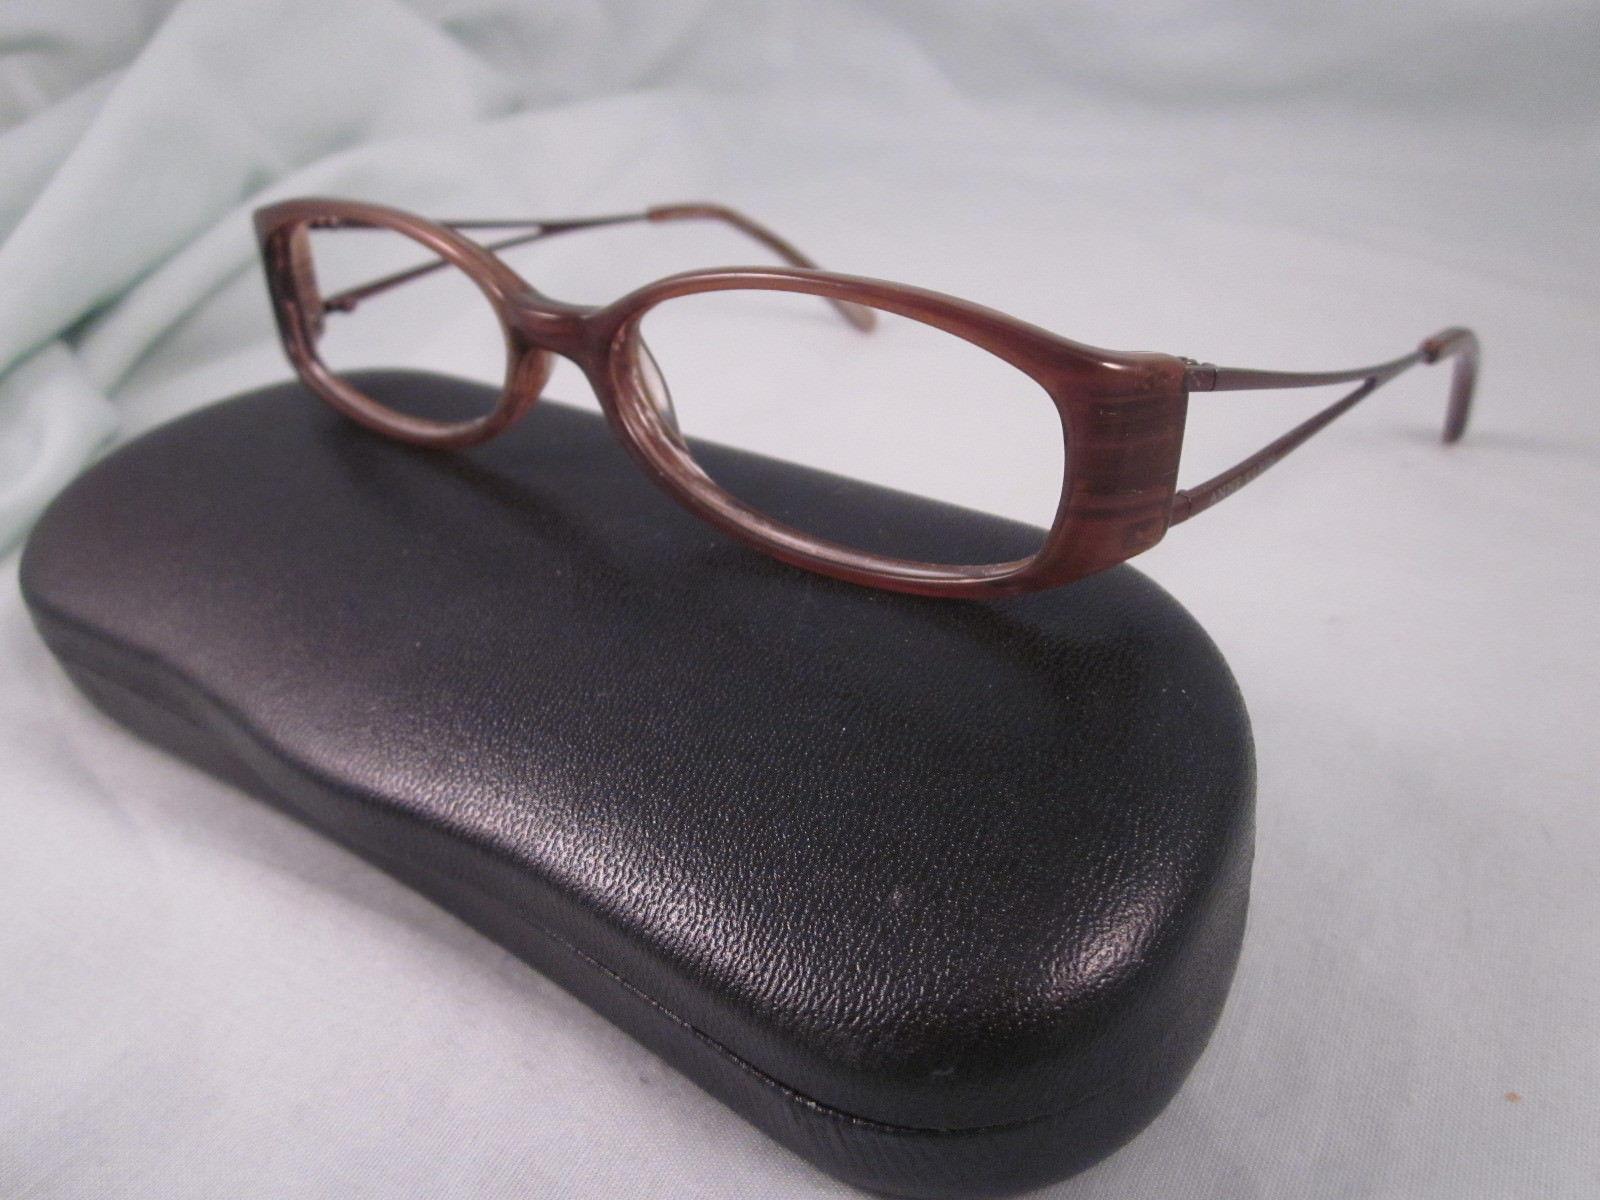 Anne Klein Eyeglass Frames: 1 listing